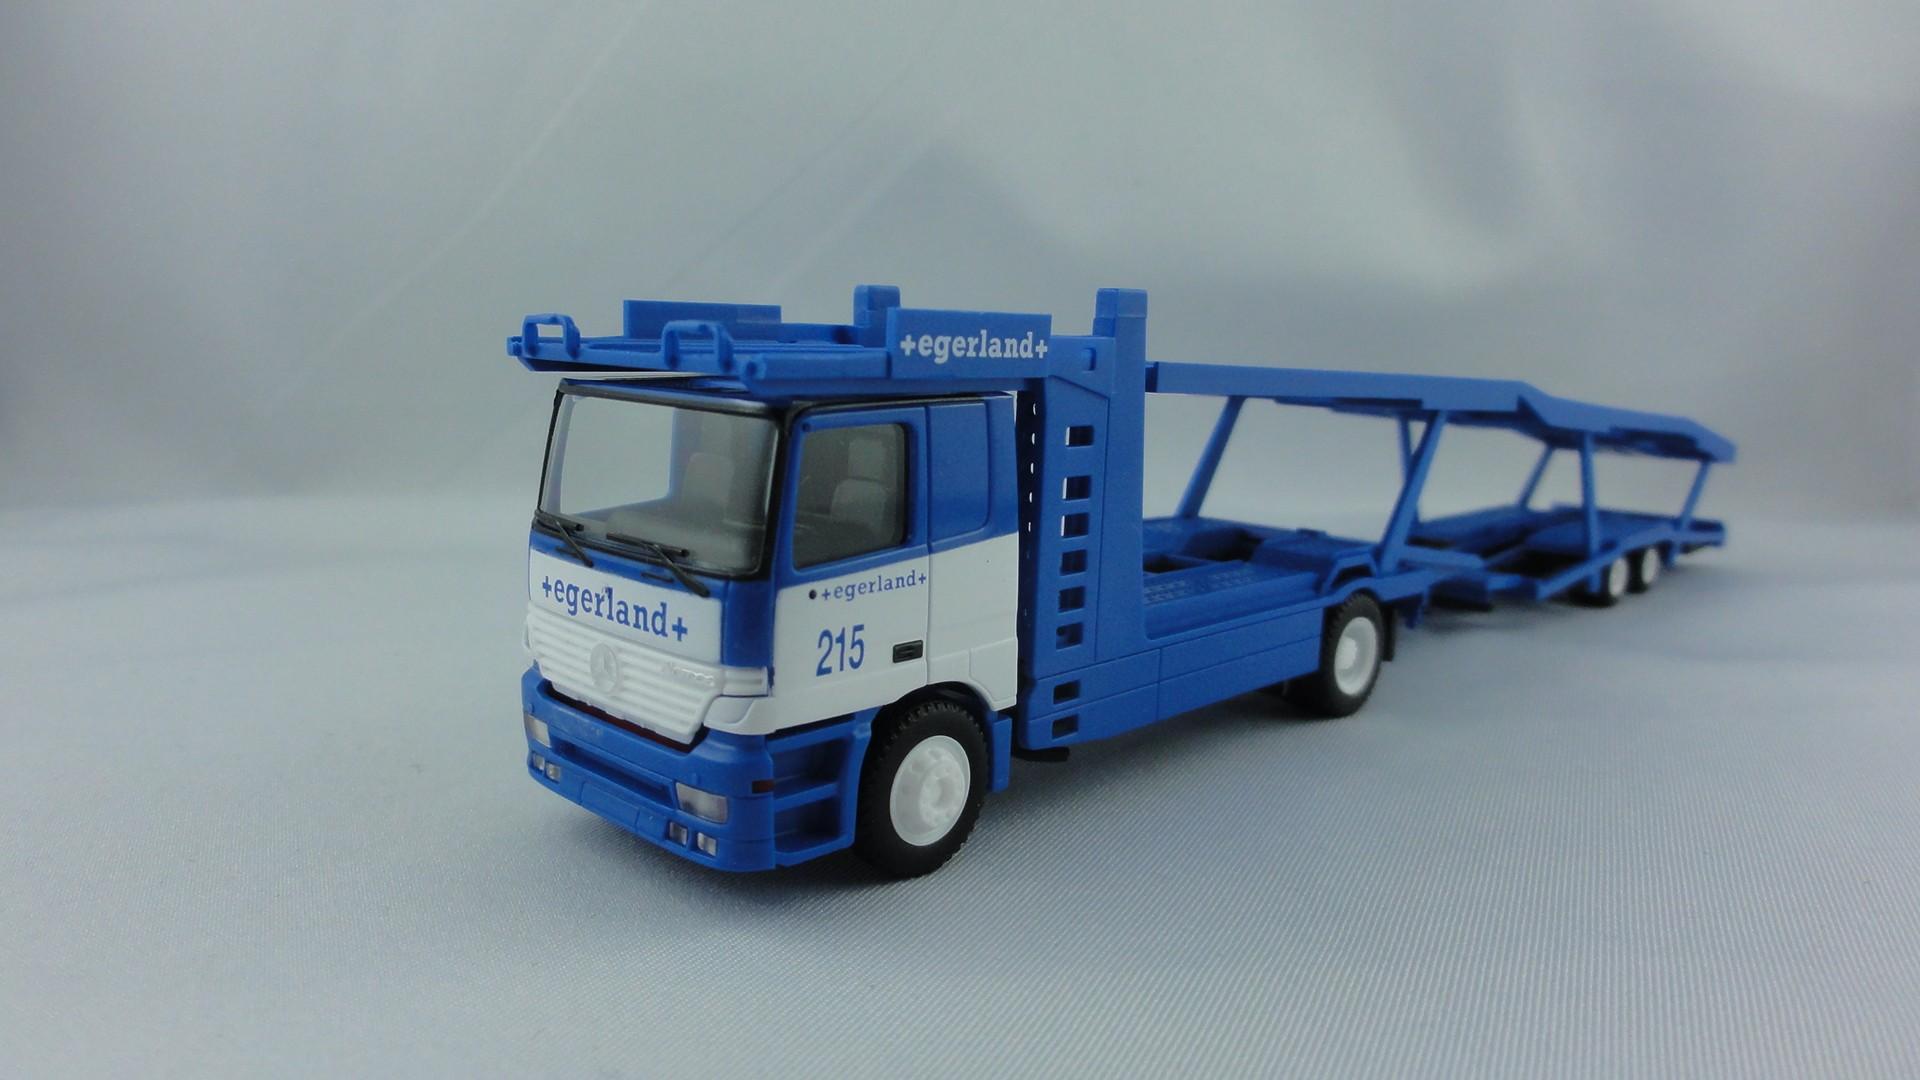 Herpa MB Actros Autotransporter Egerland, Osnabrück -Wagen Nr. 215- Sondermodell/Einzelstück